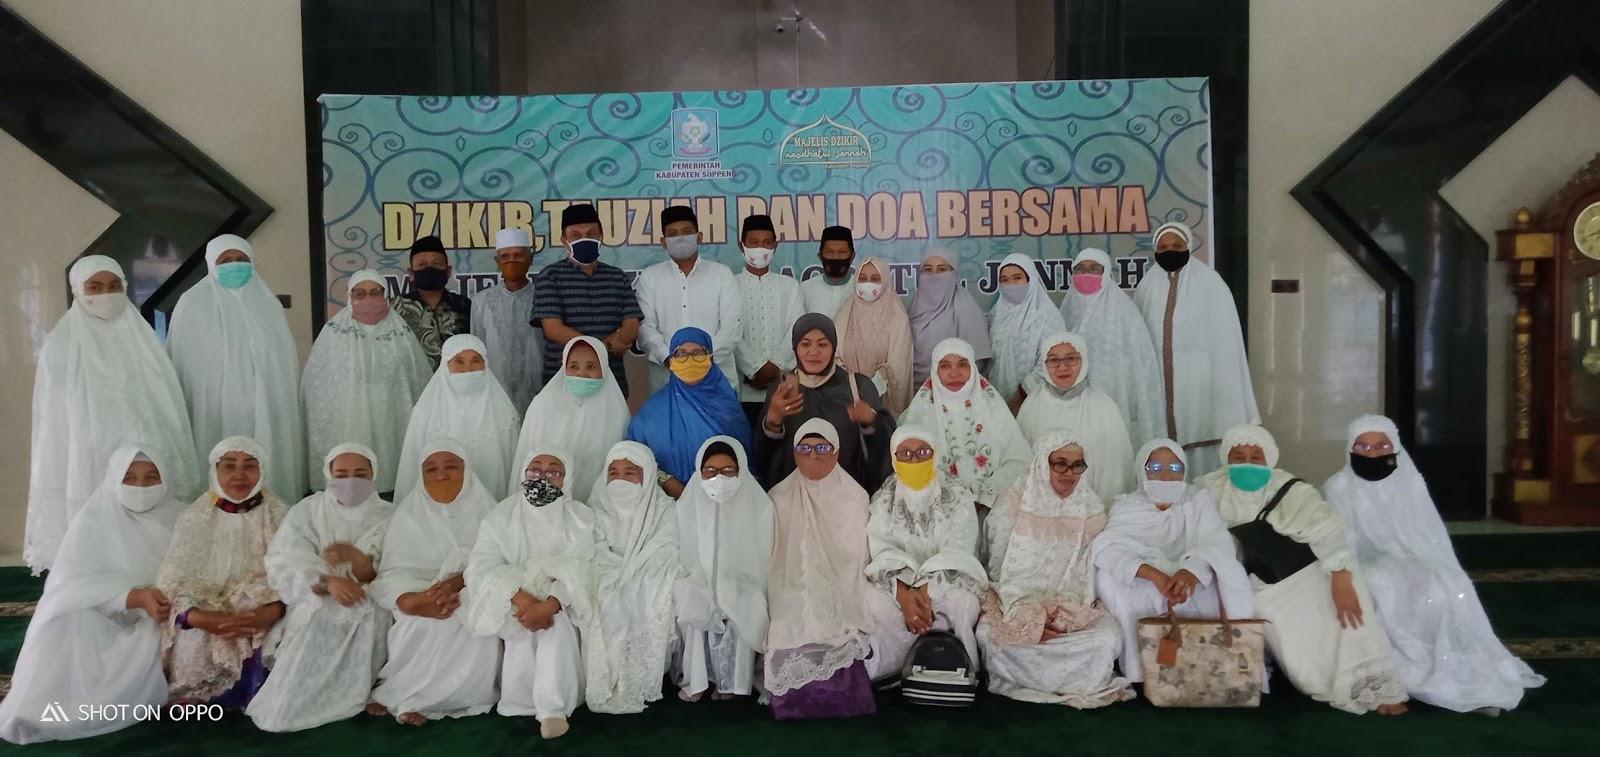 Giat Doa, DZikir, dan Tausiah di Delapan Kecamatan Kabupaten Soppeng